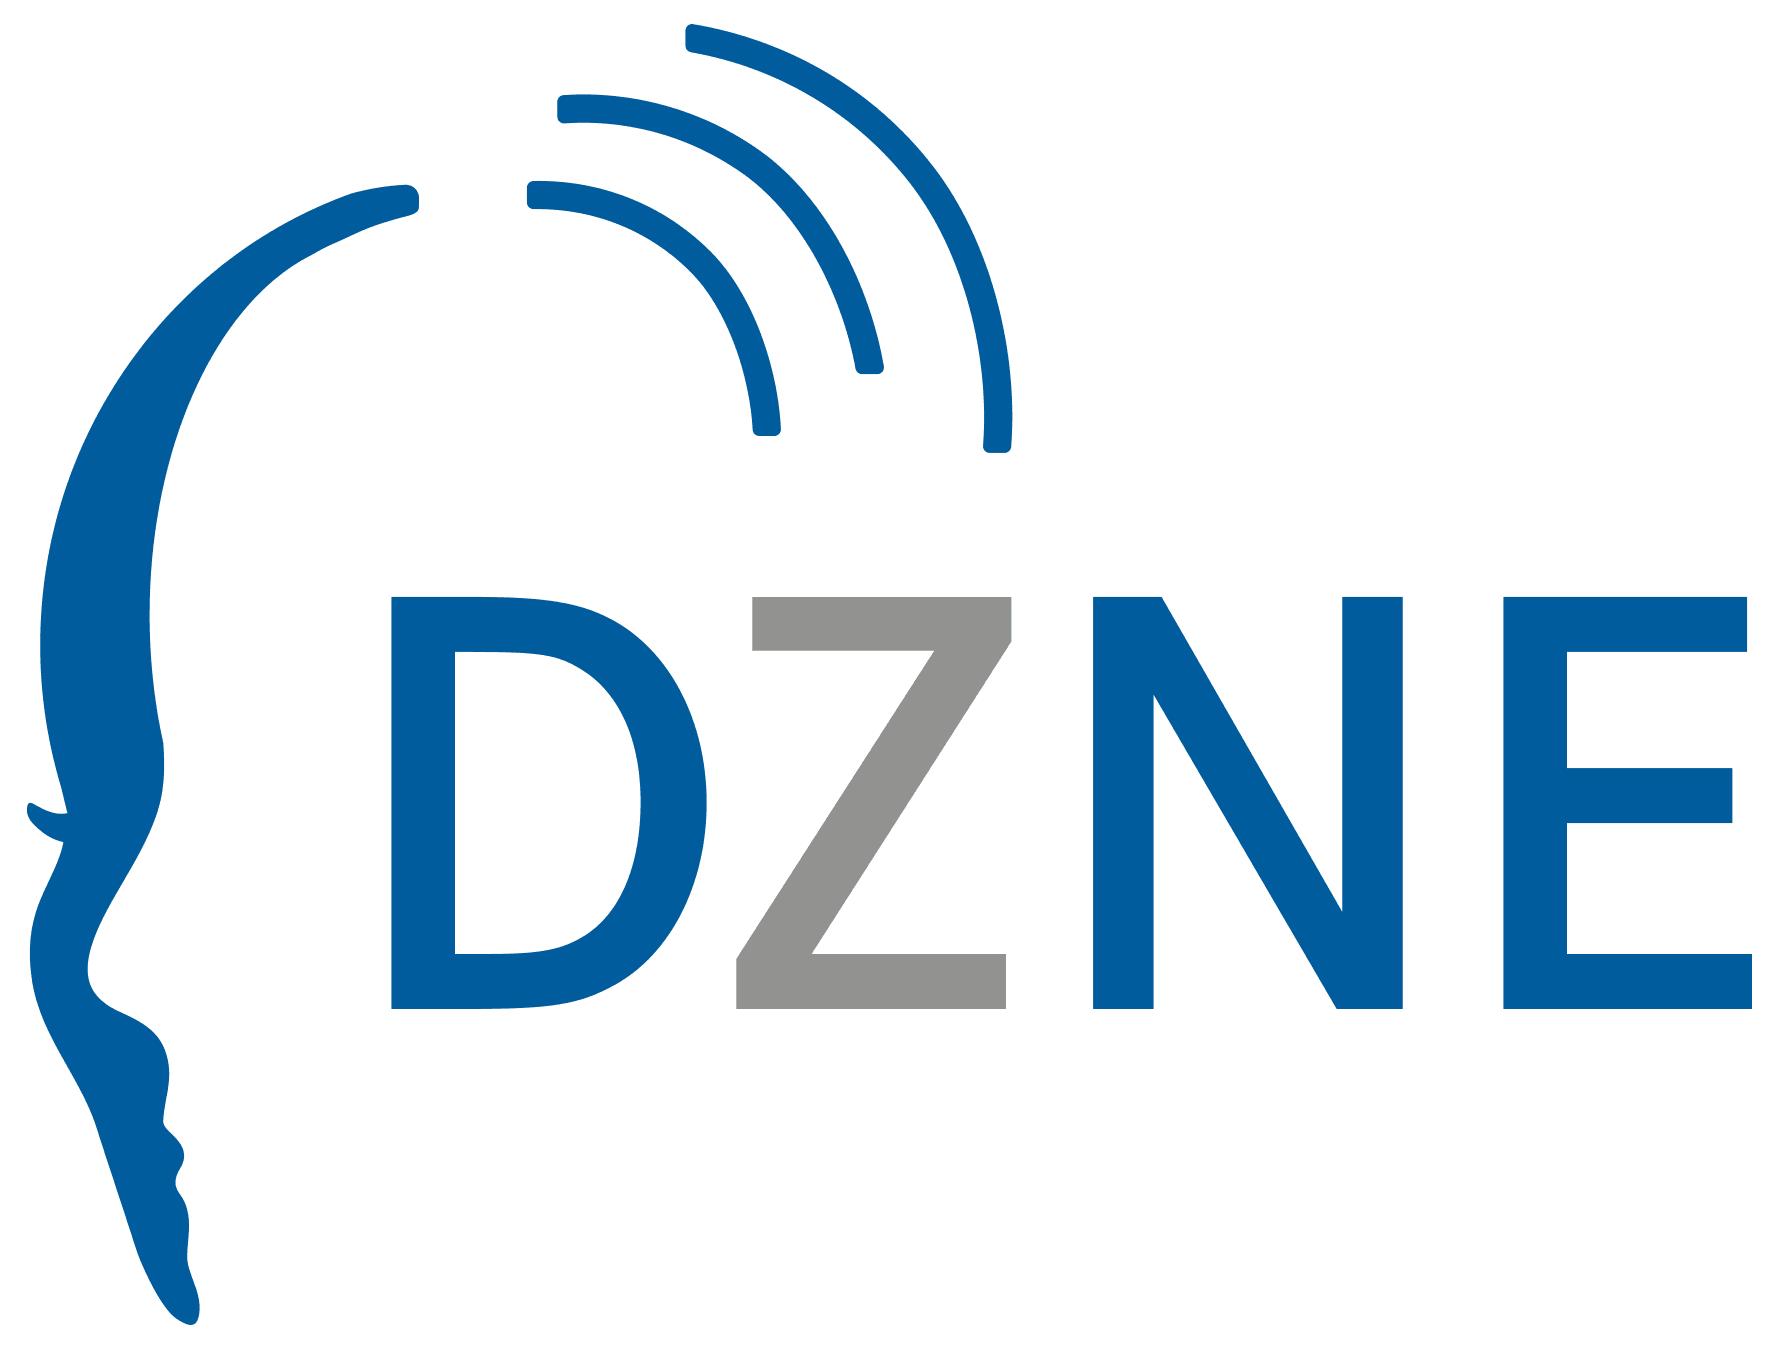 DZNE - Deutsches Zentrum für neurodegenerative Erkrankungen Logo